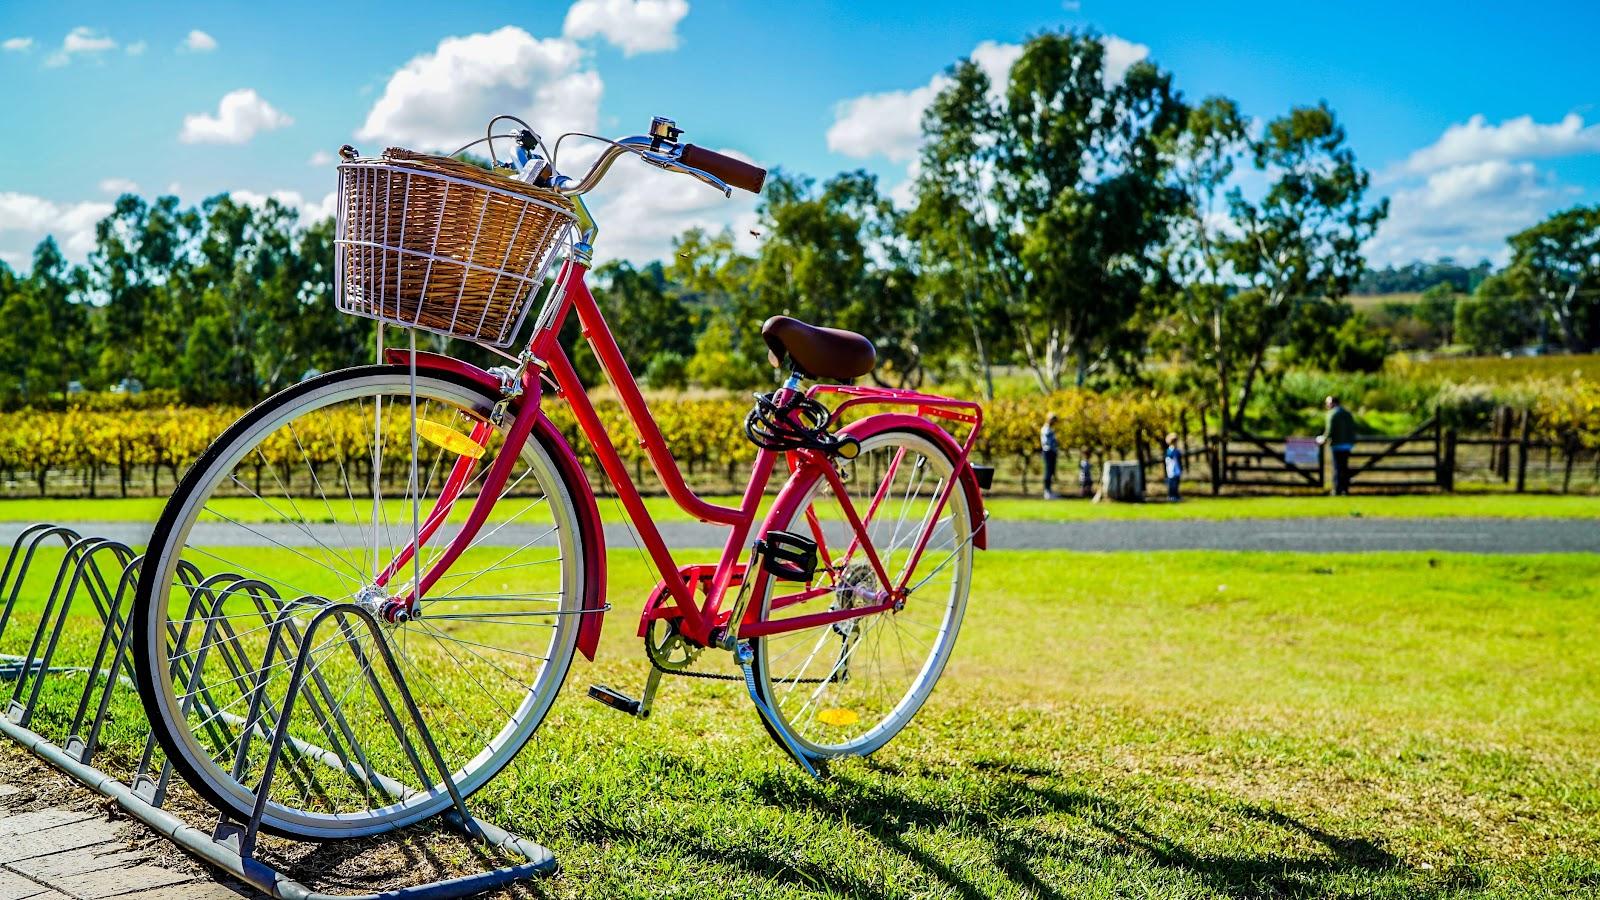 As praças são ambientes que podem ser facilmente acessados, por exemplo, após alguns minutos de a pé ou de bicicleta (Fonte: Pexels, Jodie Louise).